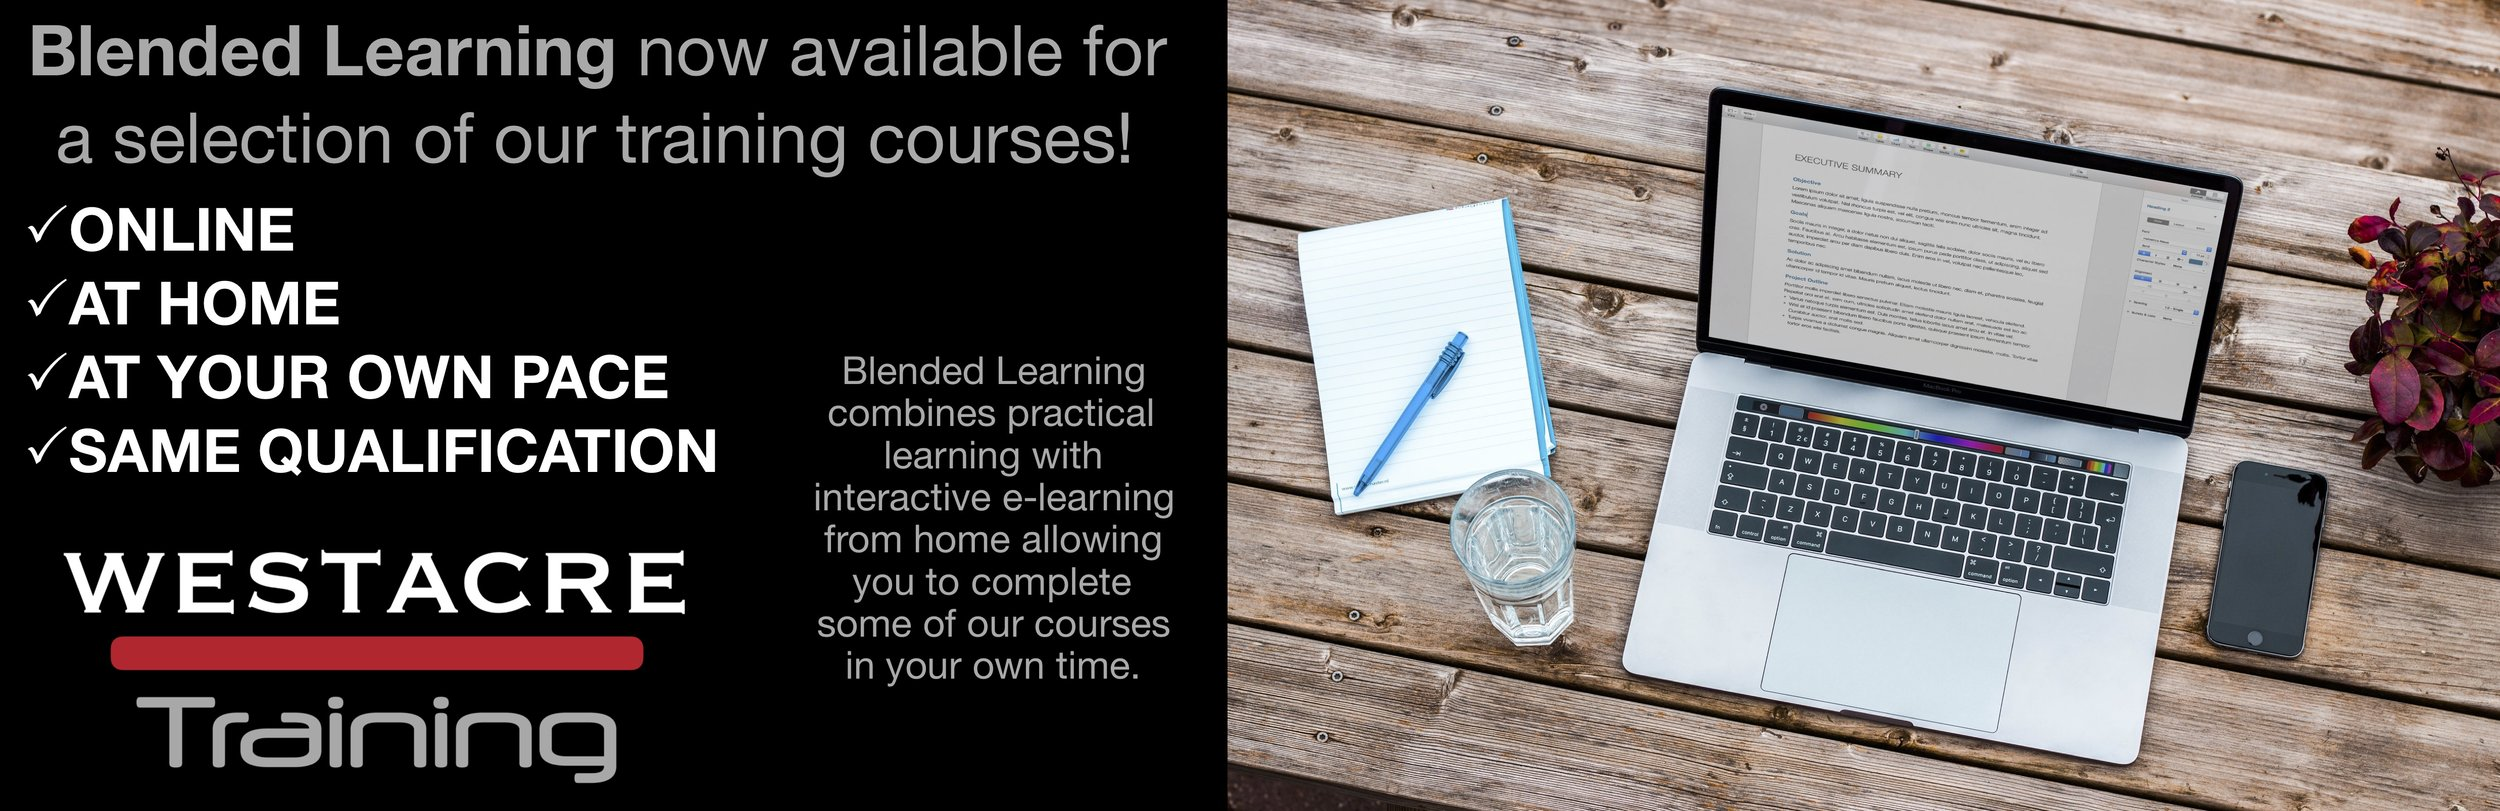 BLENDED LEARNING.jpg